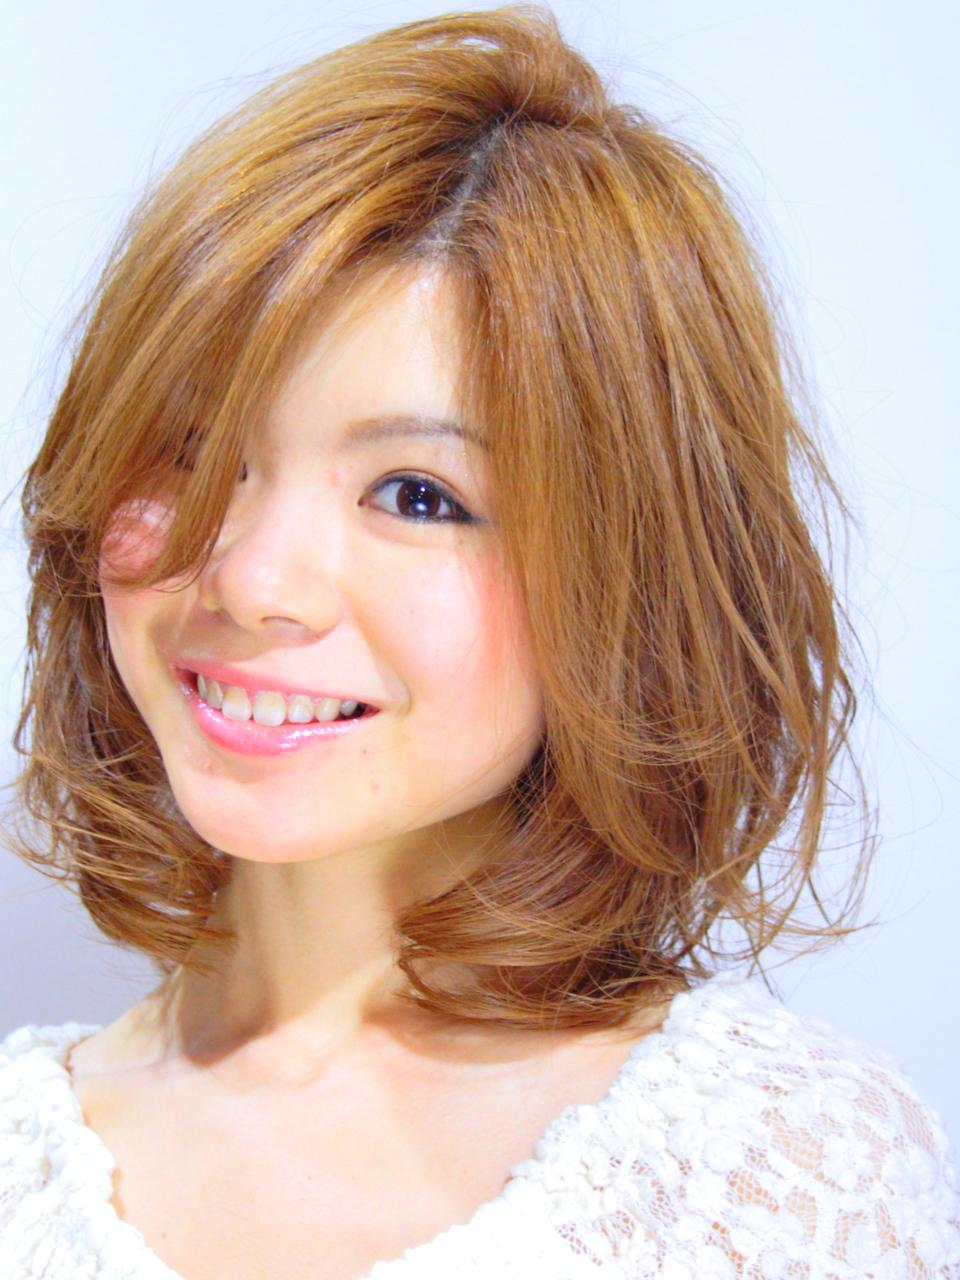 ハイトーンのサンフラワーオレンジ☆シースルーボブ